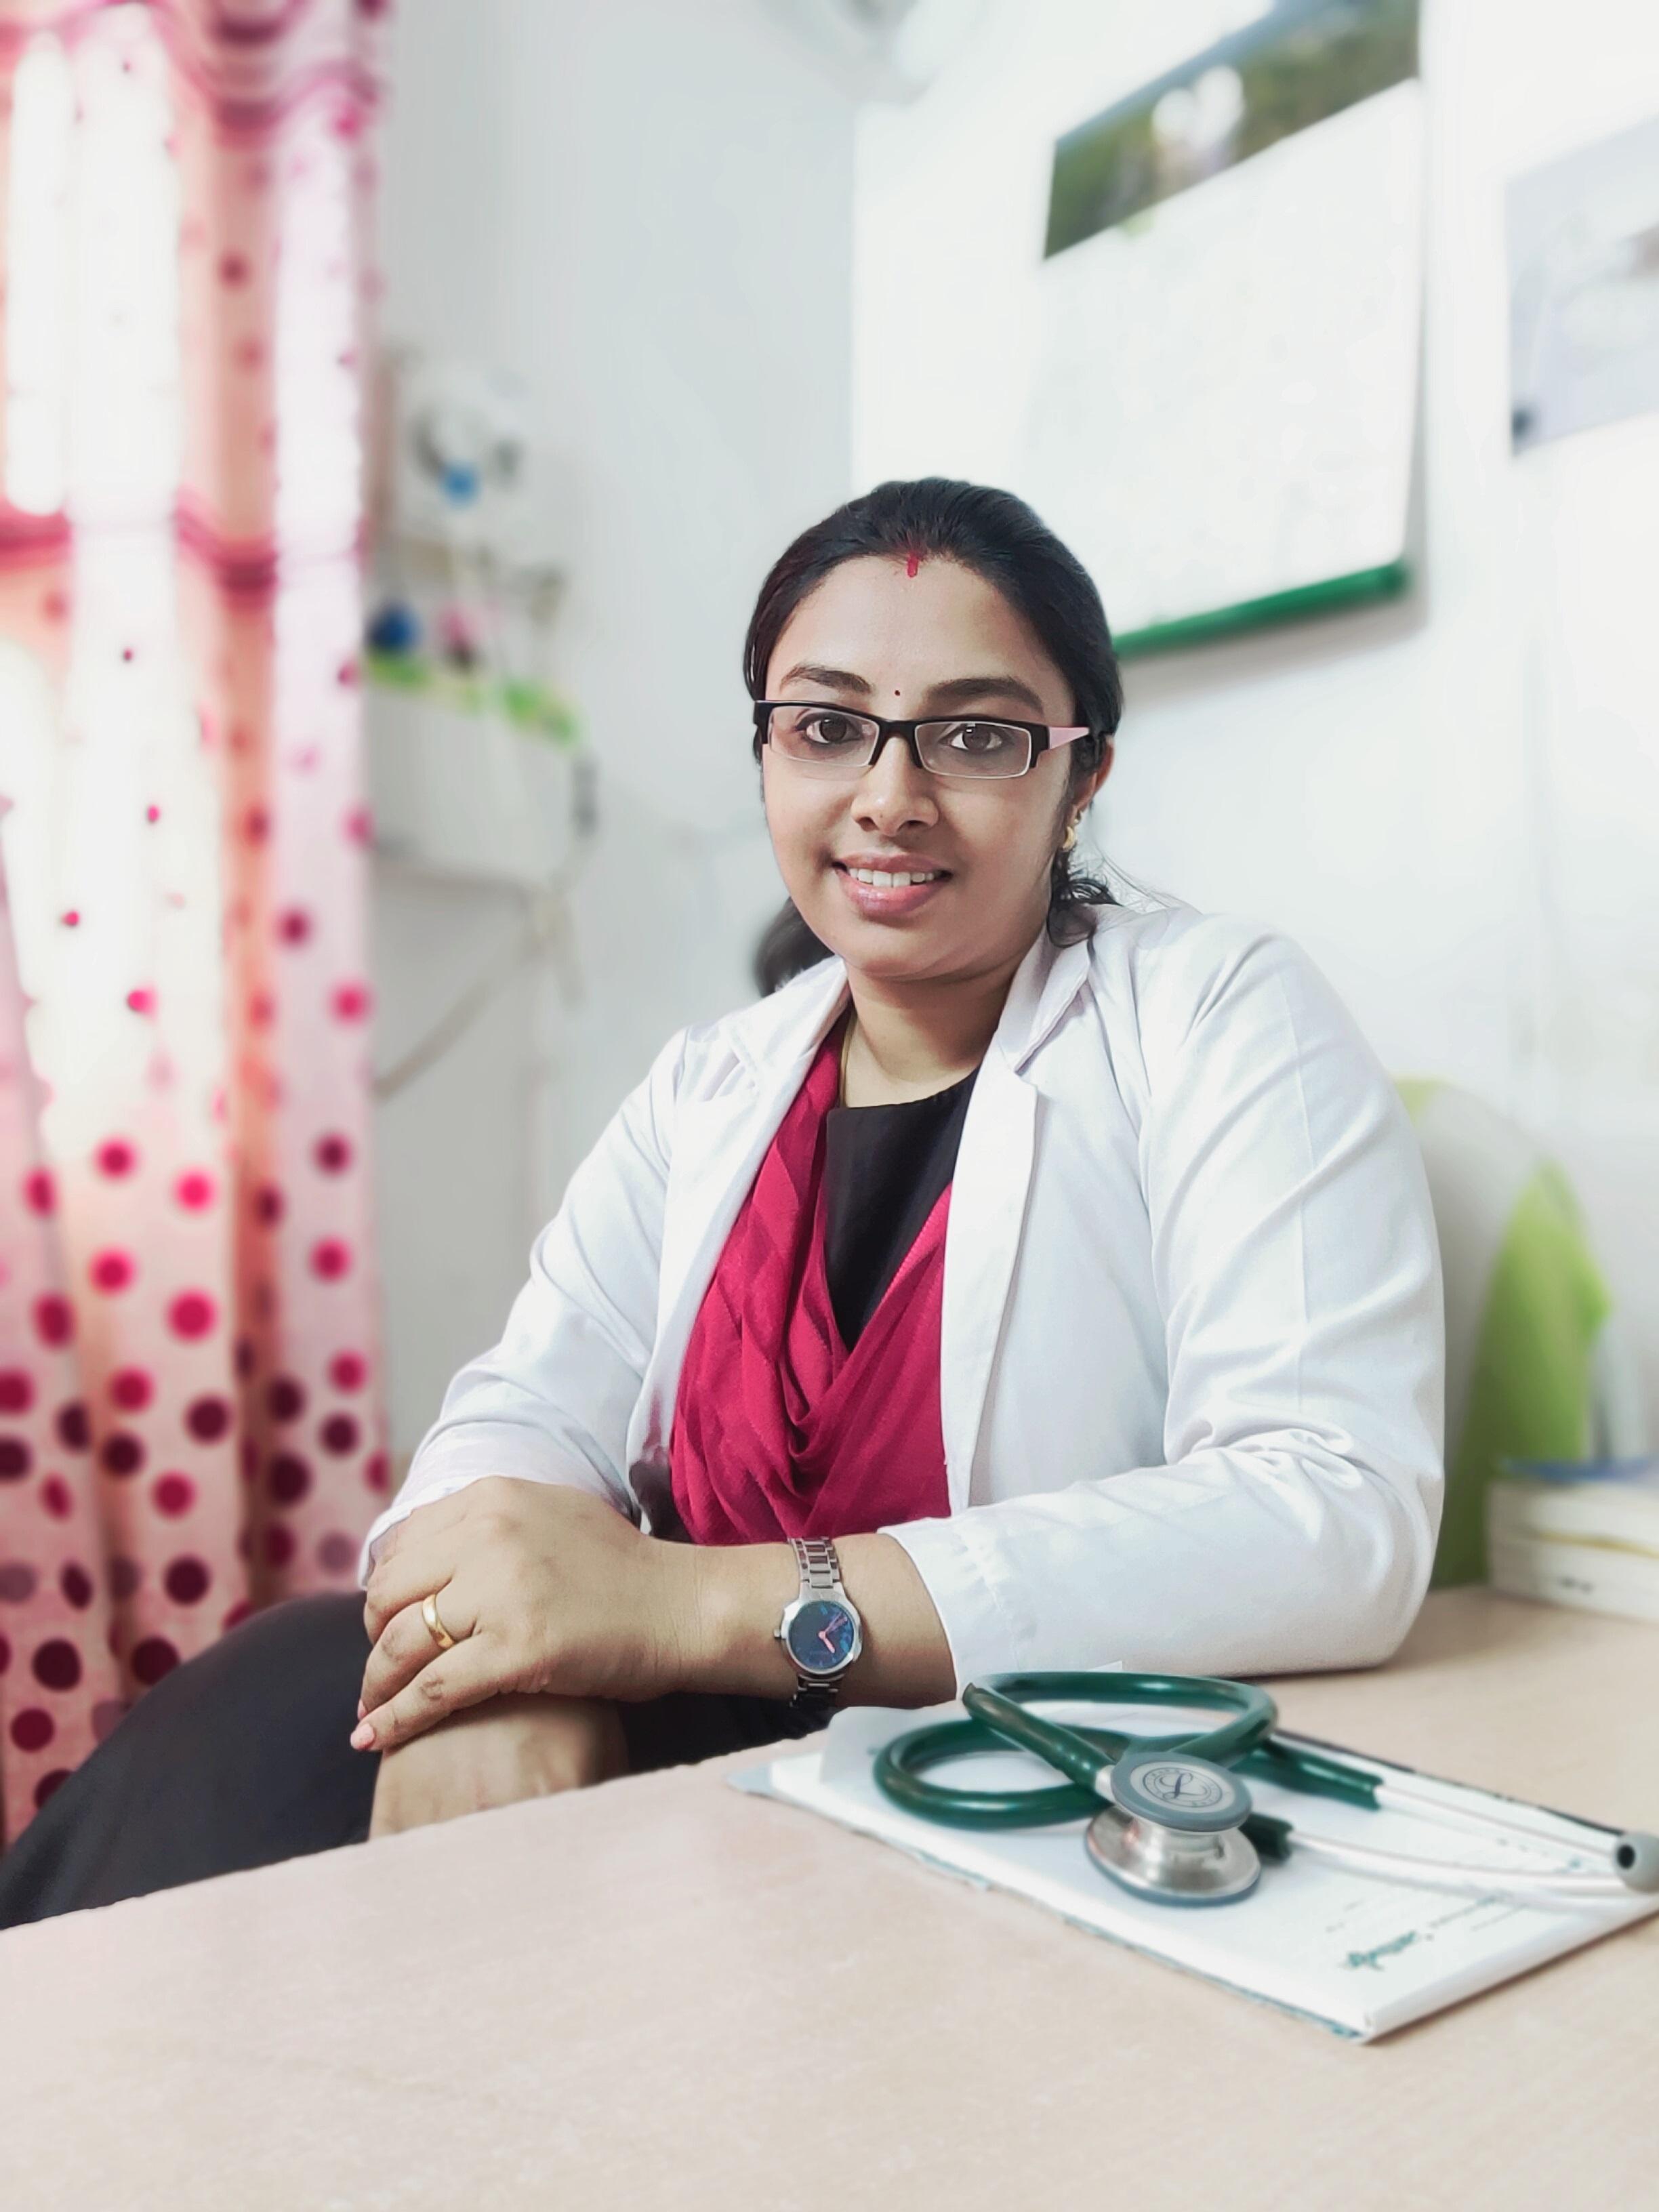 Dr. Bhavna Manoj